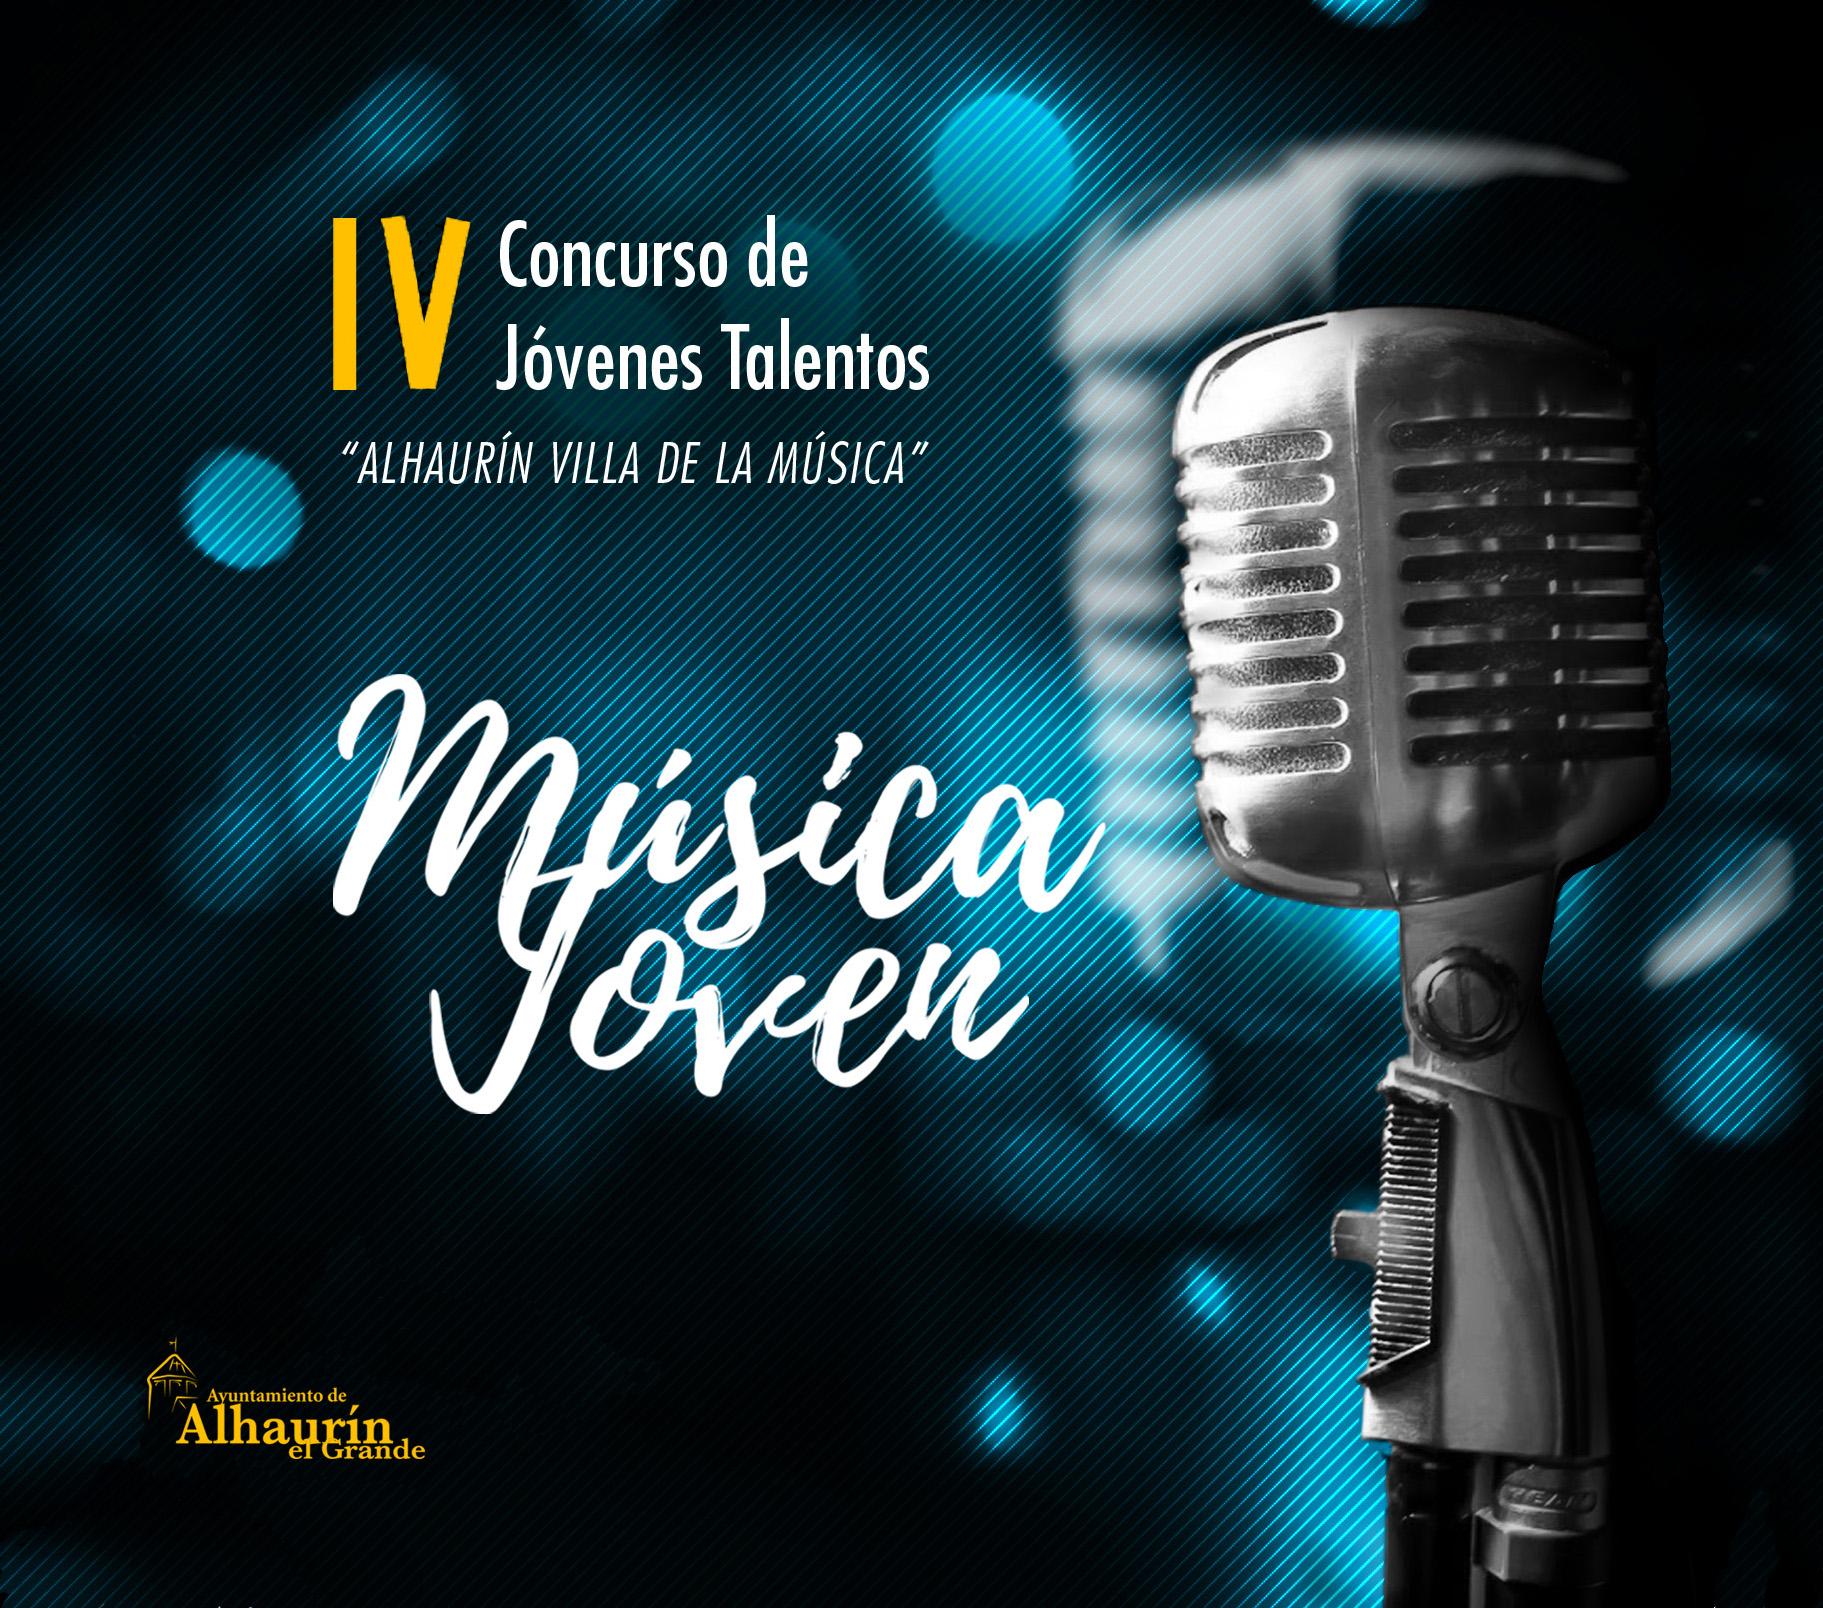 Abierto el plazo para participar en el IV Concurso Música Joven que organiza el Ayuntamiento de Alhaurín el Grande